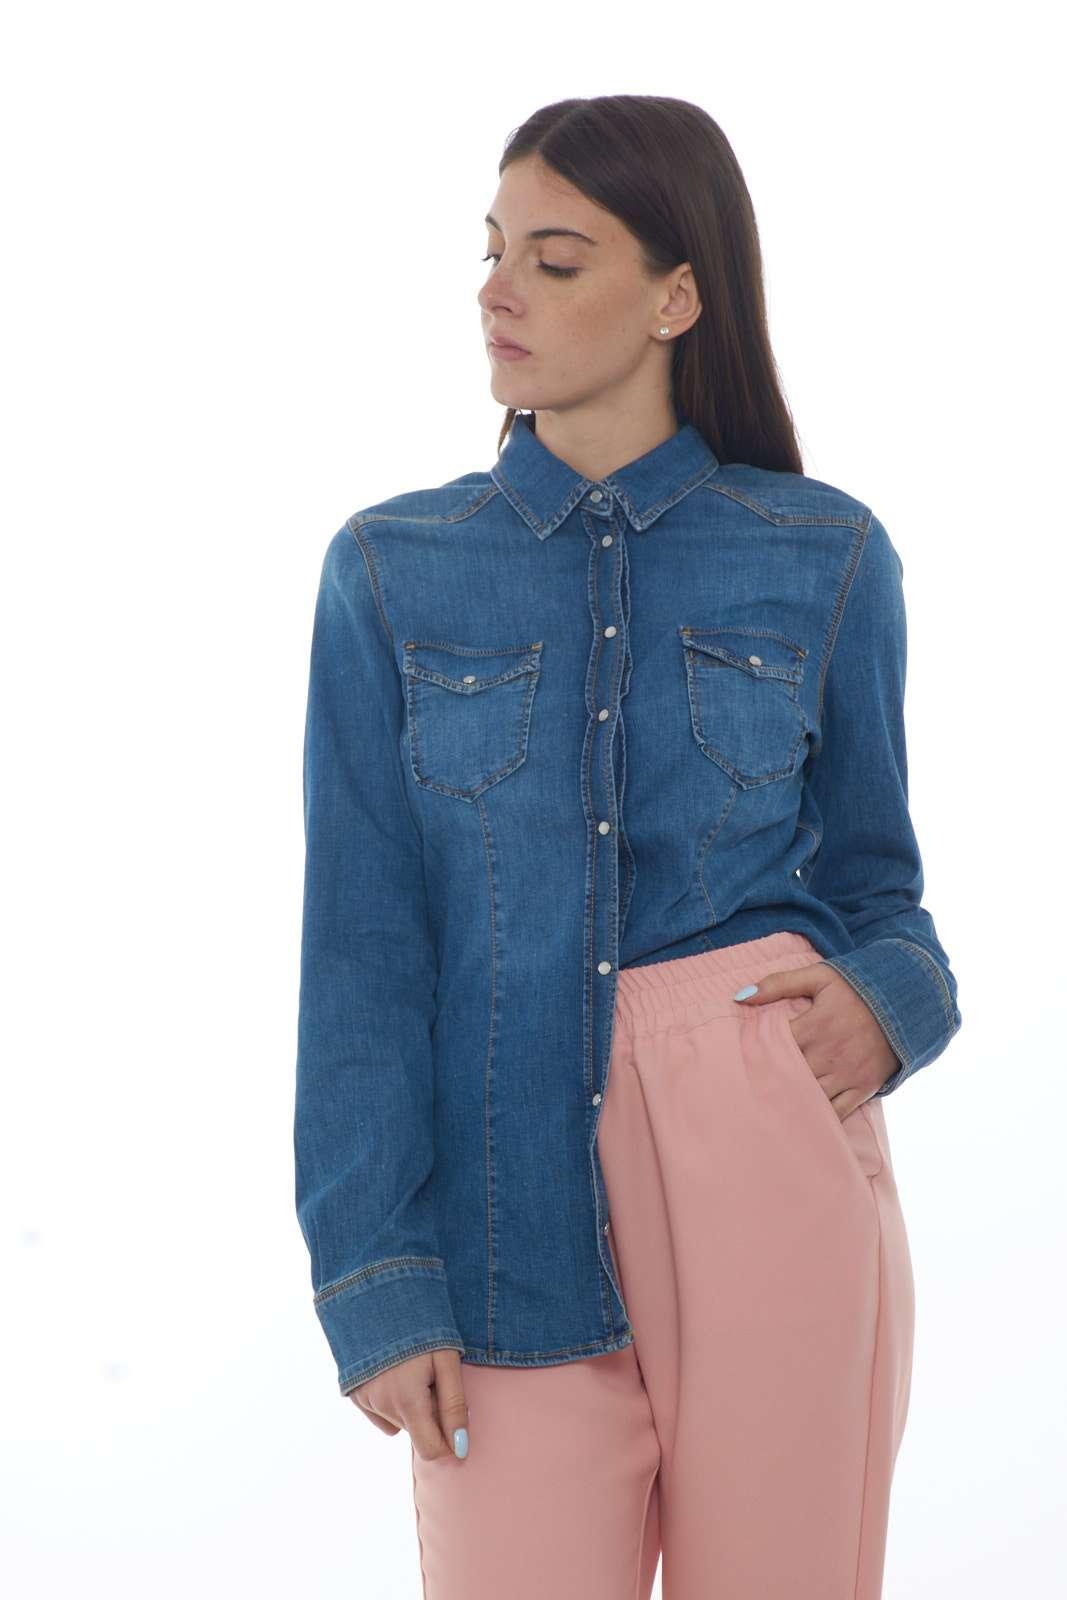 https://www.parmax.com/media/catalog/product/a/i/PE-outlet_parmax-camicia-donna-Liu-Jo-u67055-A.jpg